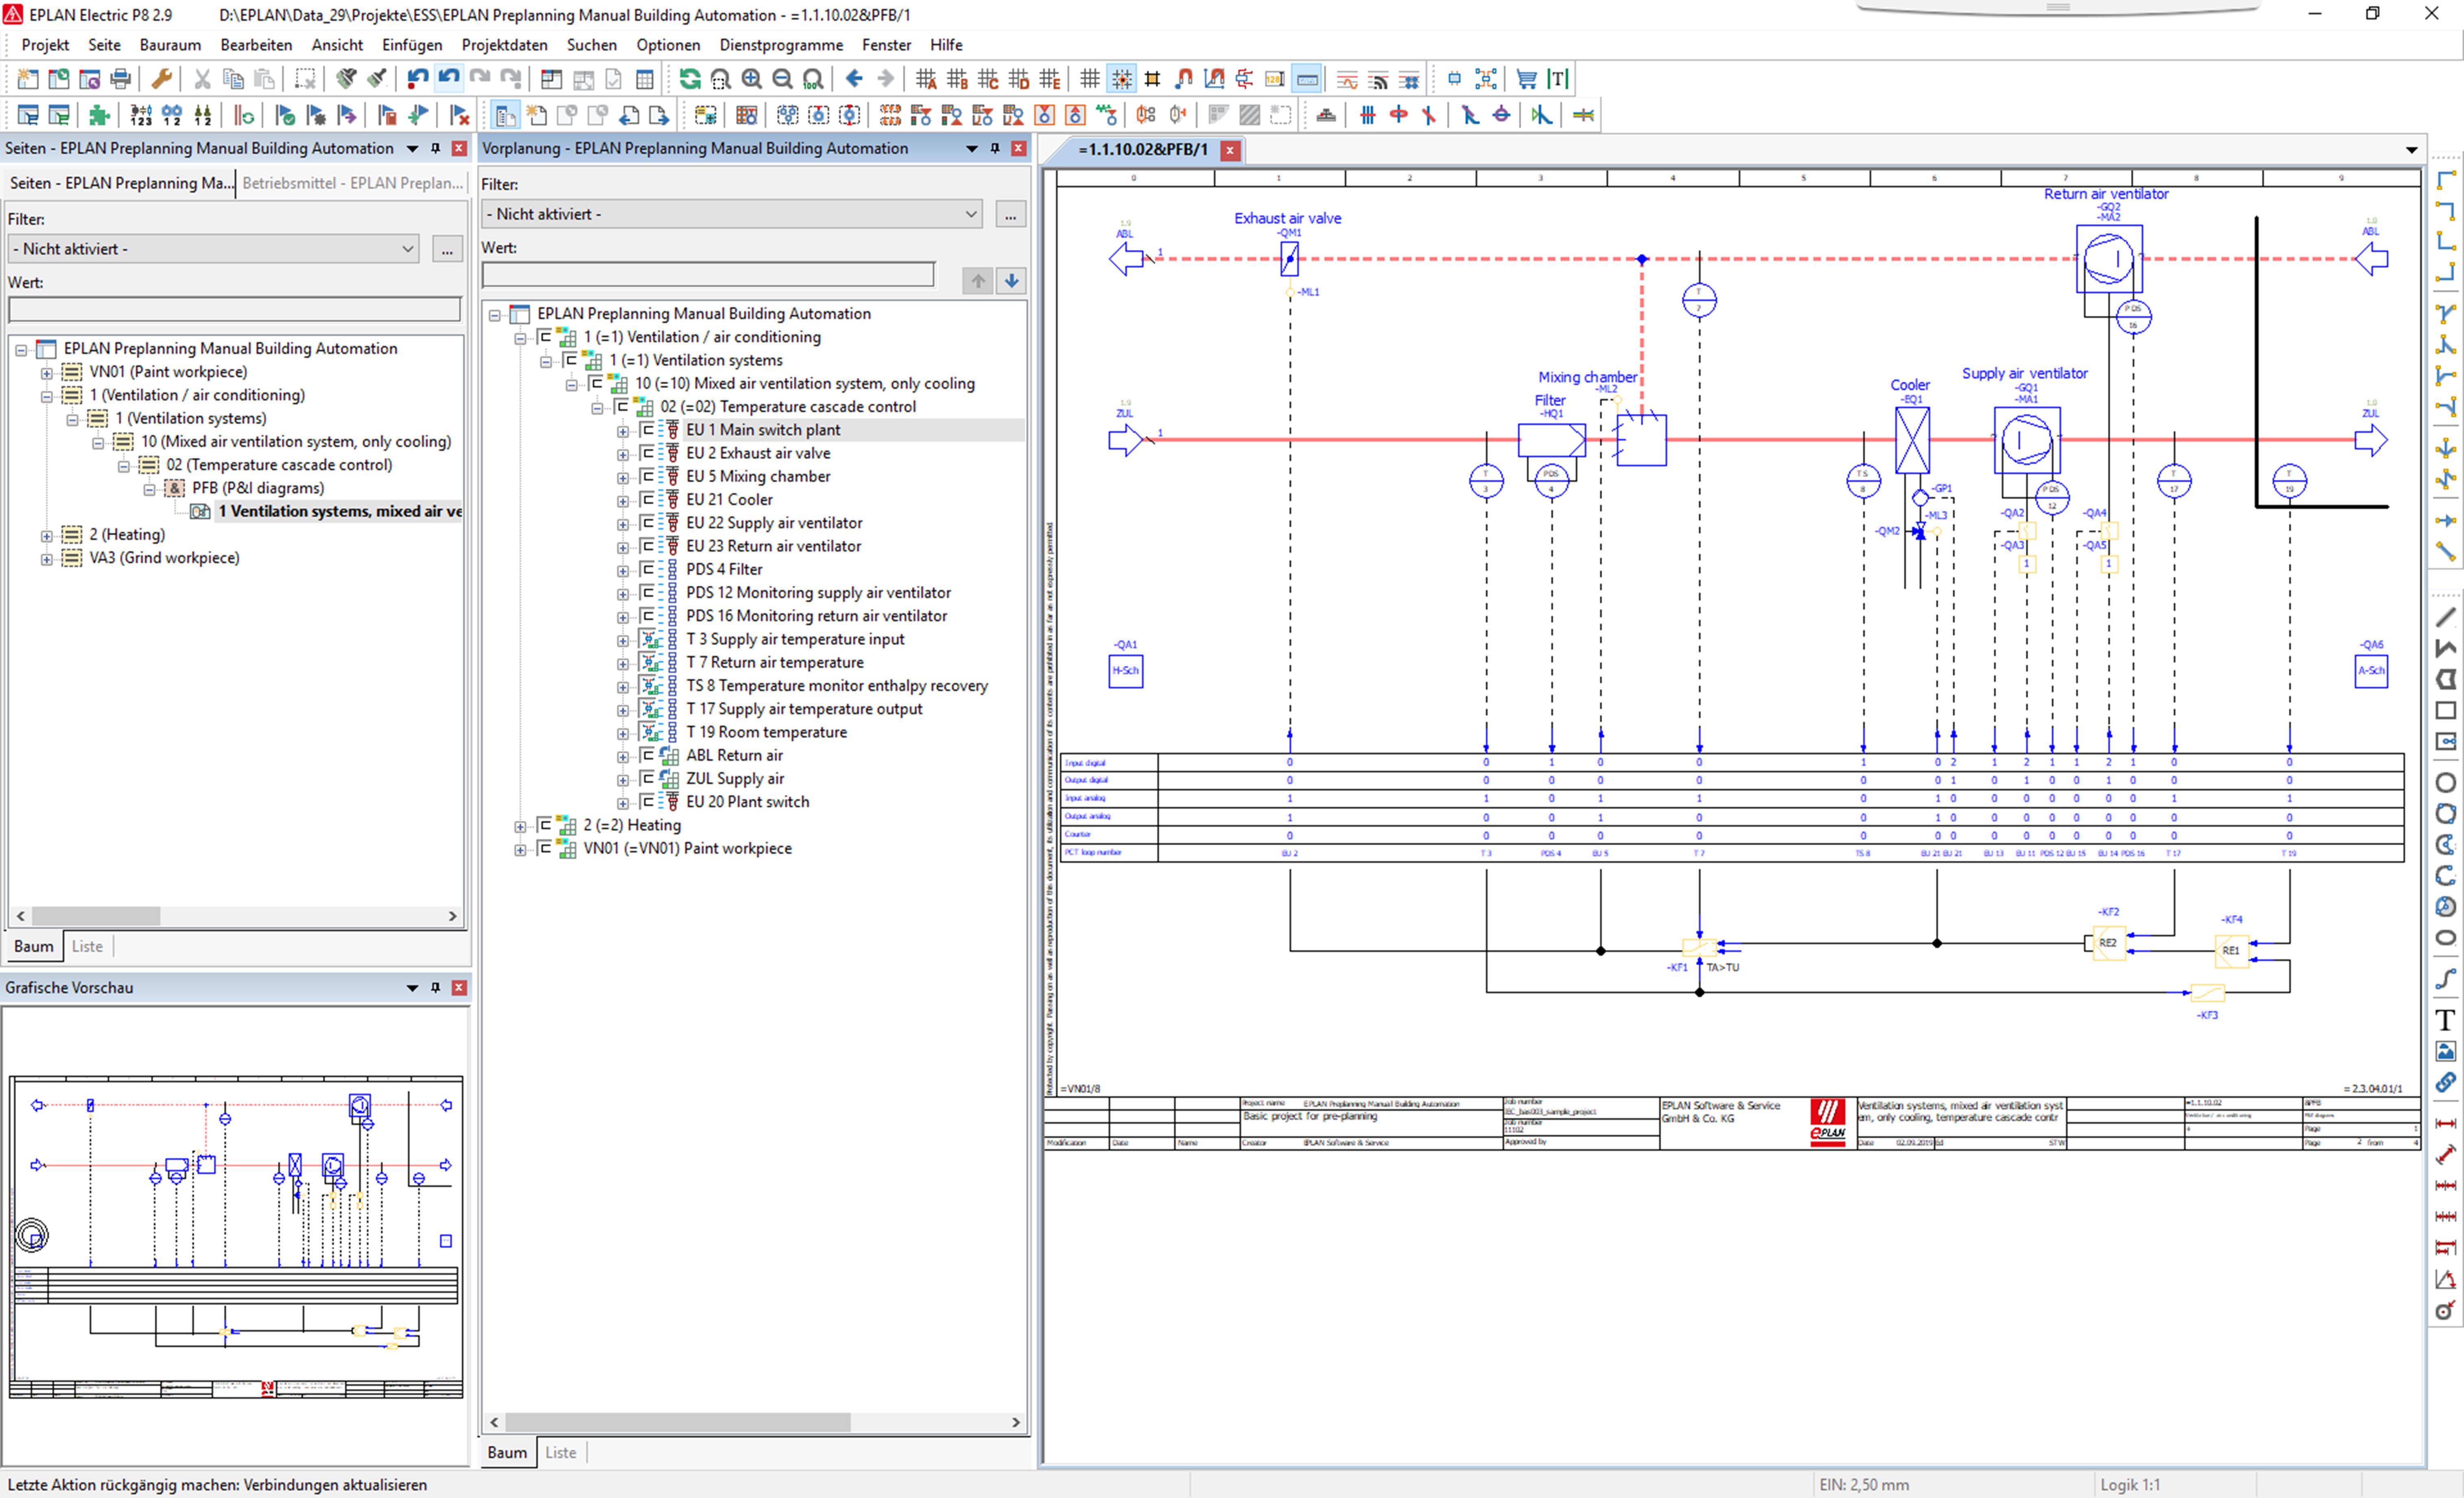 Regelschema mit Darstellung des Seiten-Navigators und Vorplanungs-Navigators in der Eplan Plattform